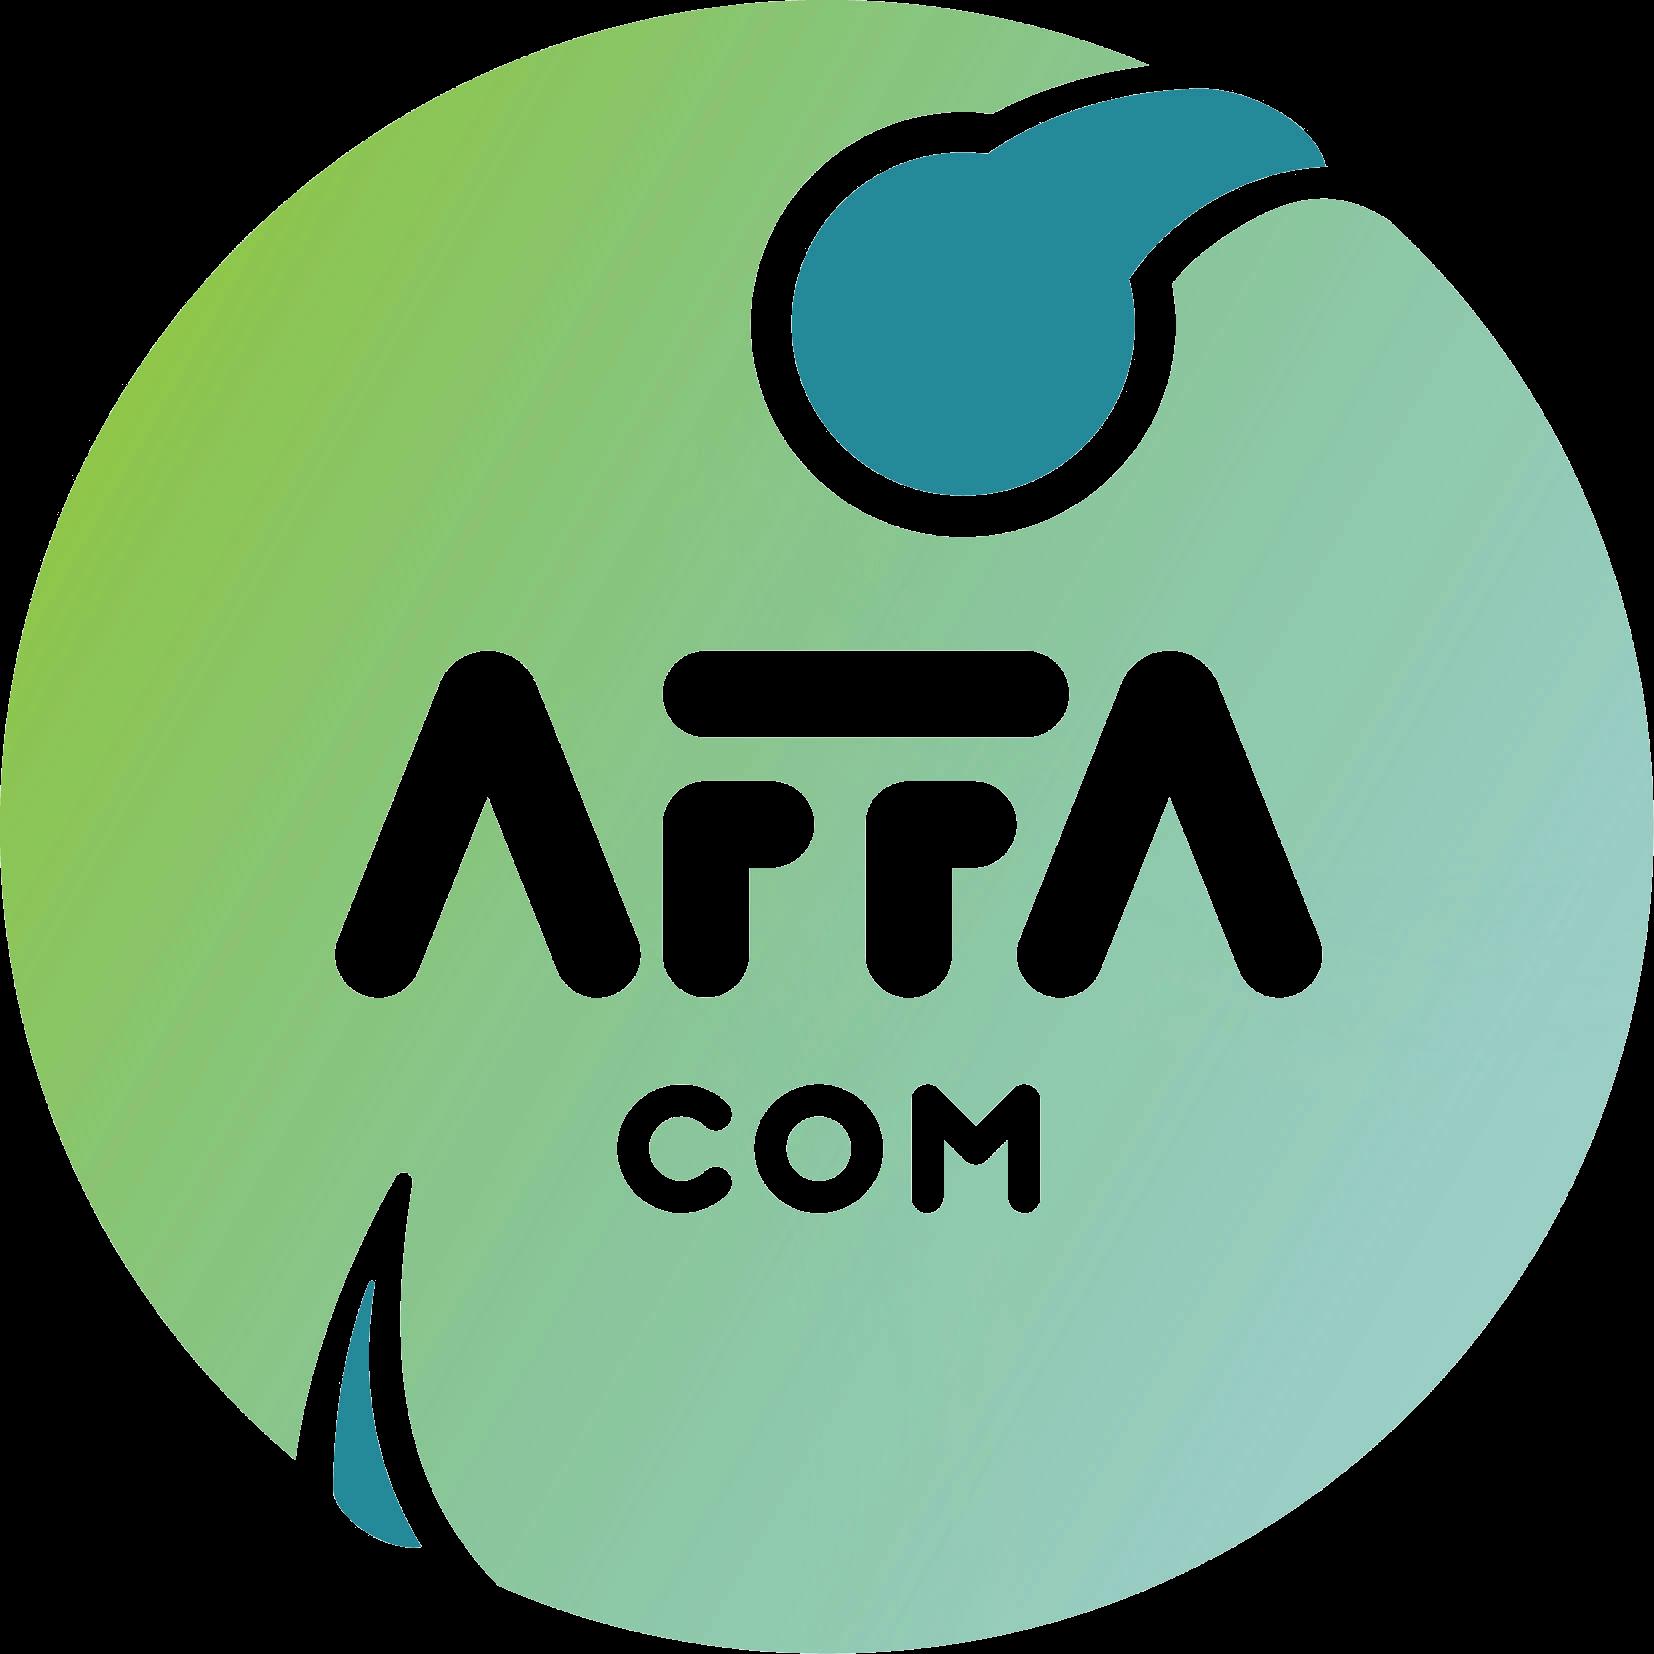 AFFA com